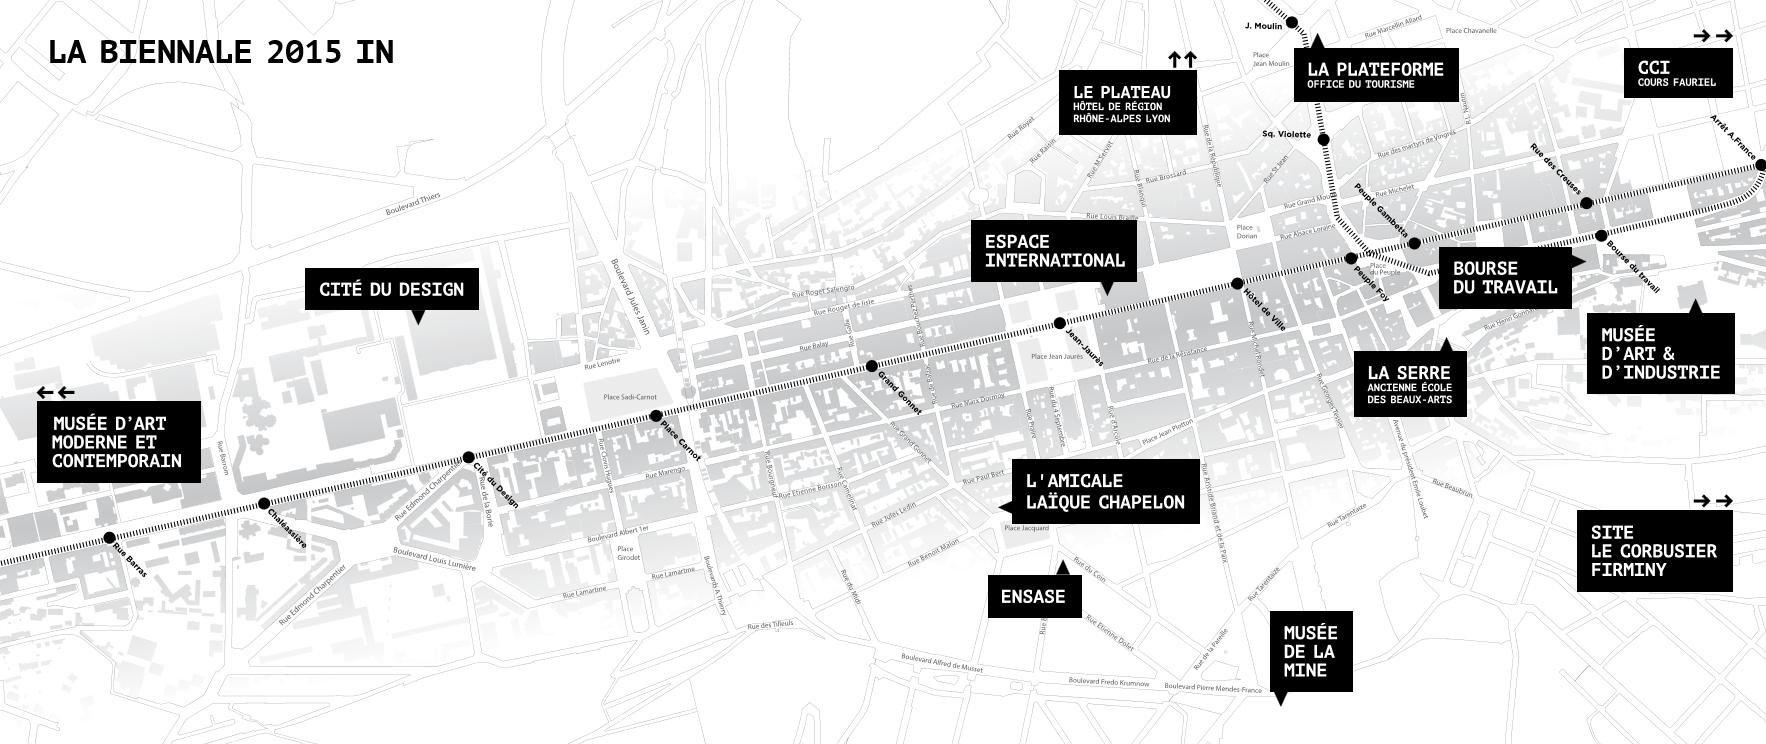 Plan - La Biennale du Design de Saint-Etienne 2015 se rapproche